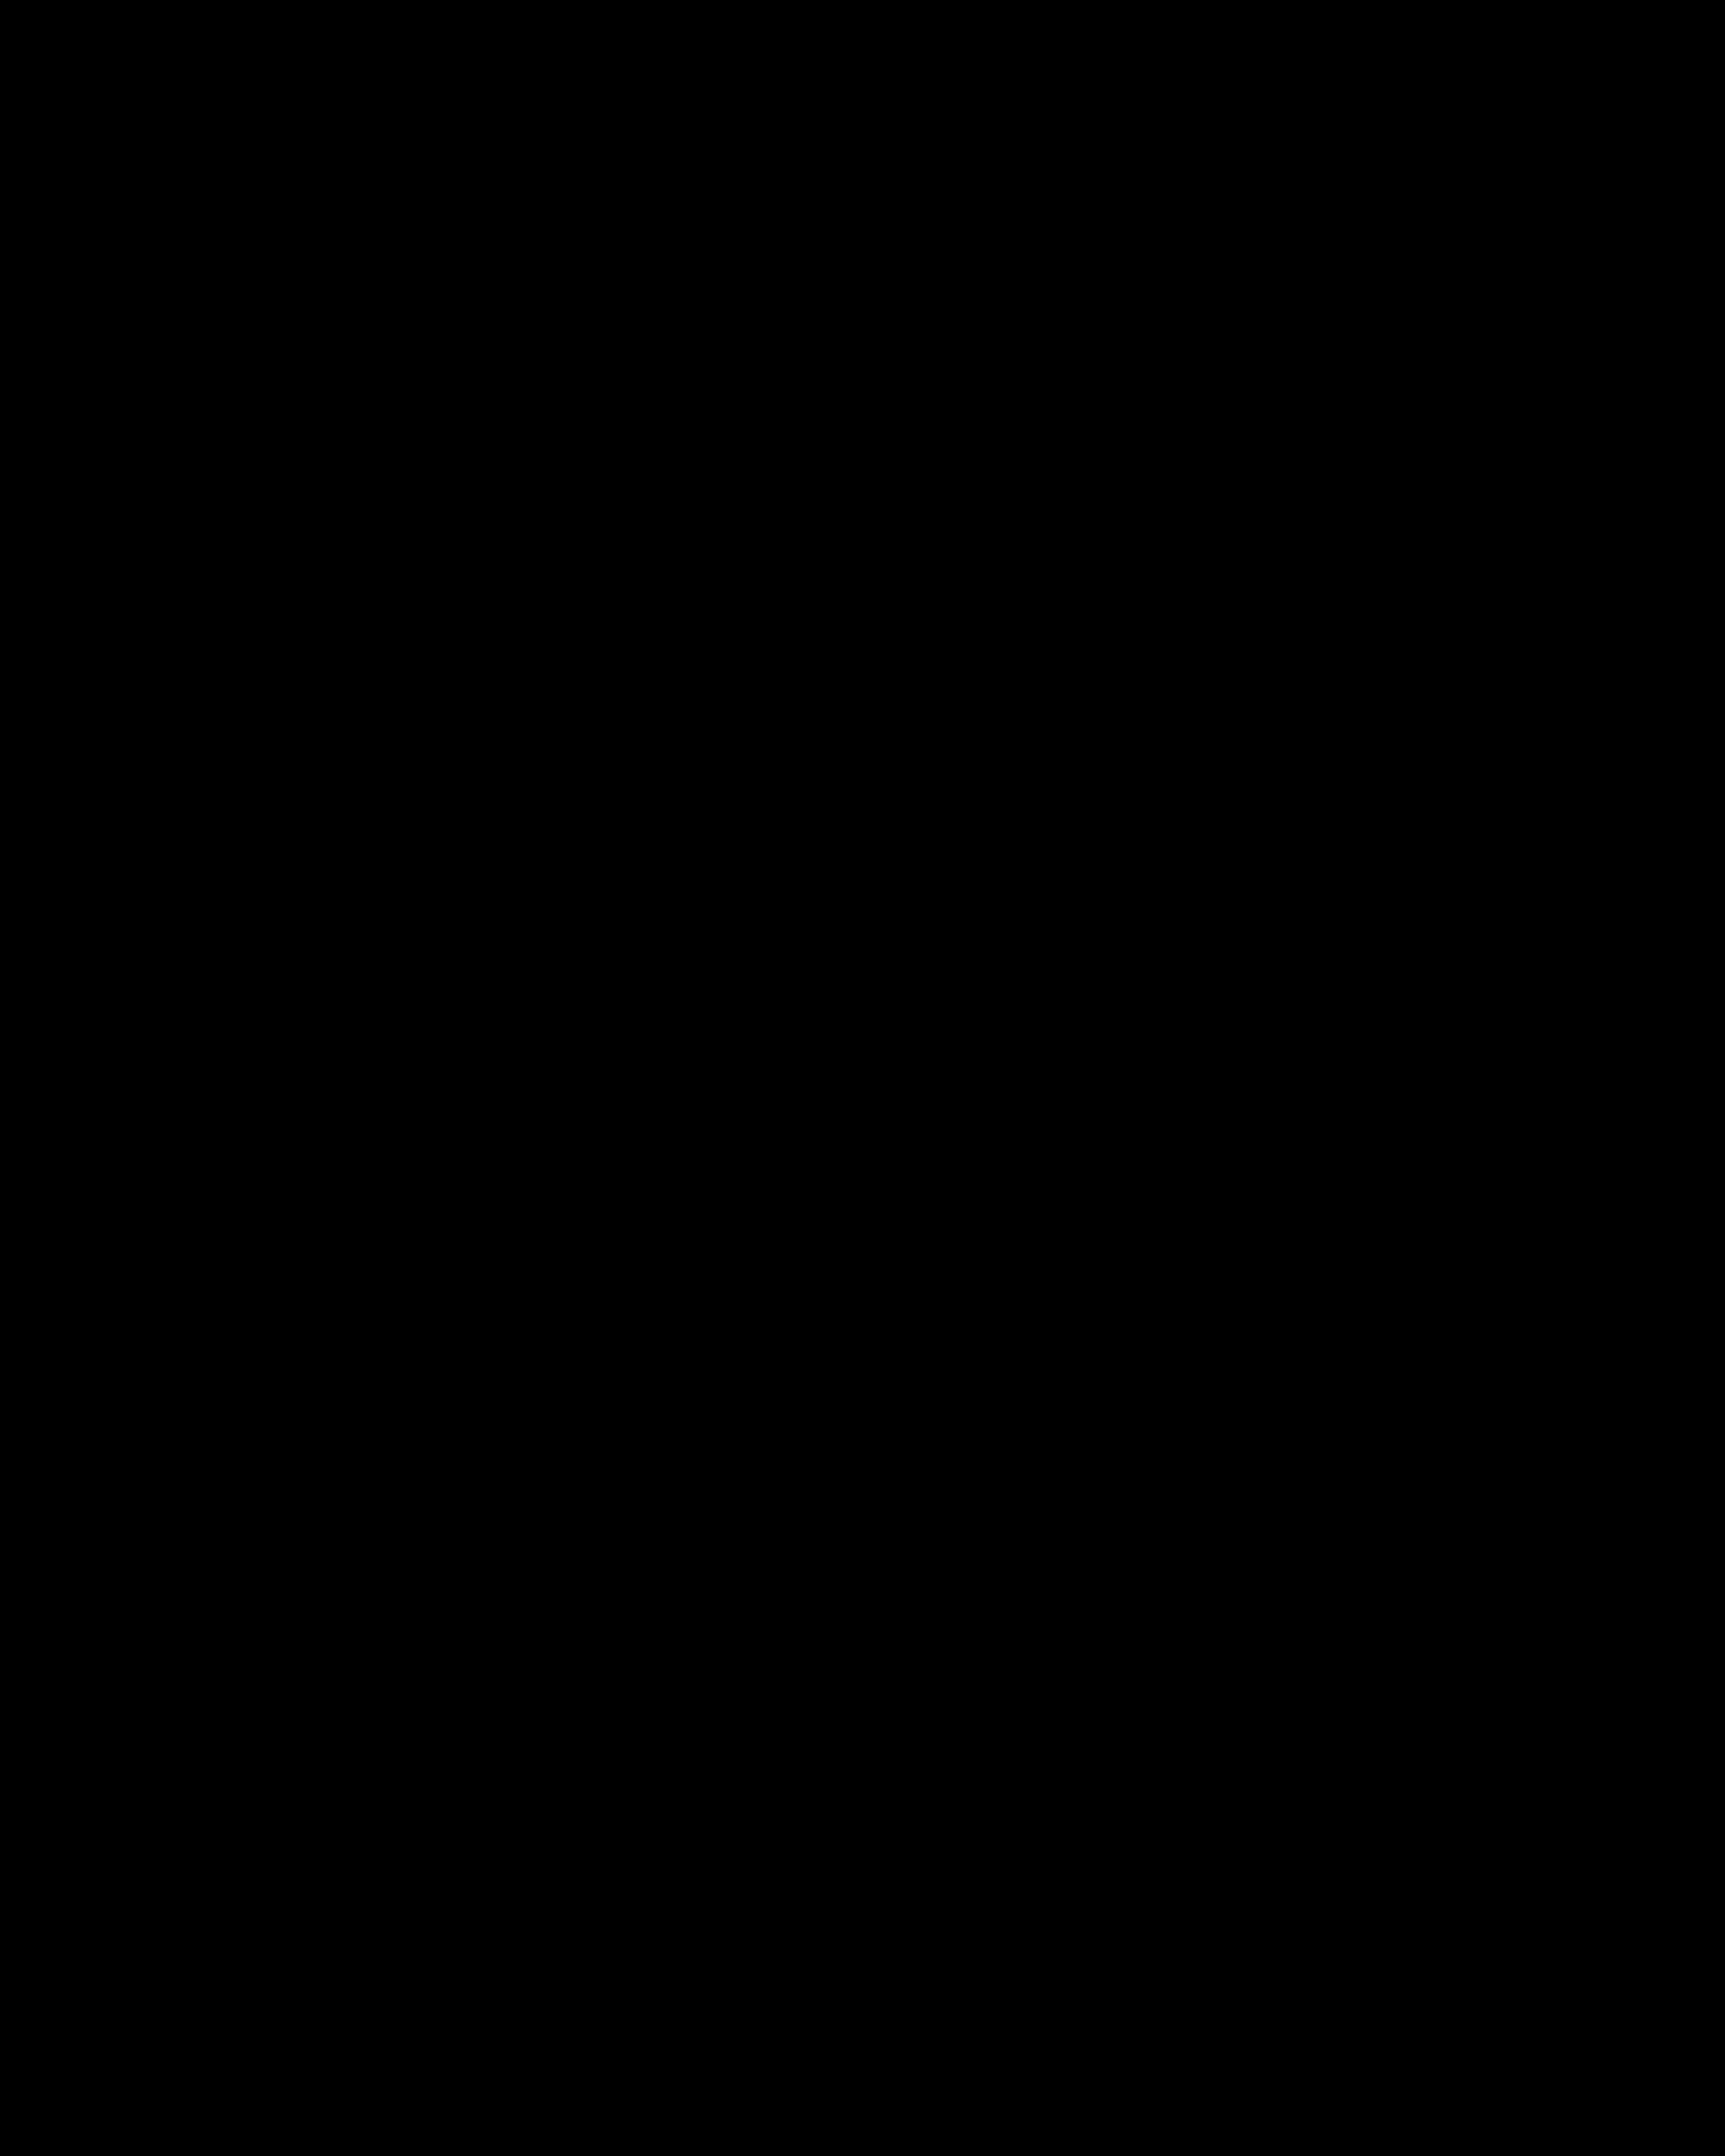 StarcatcherPoster8x10